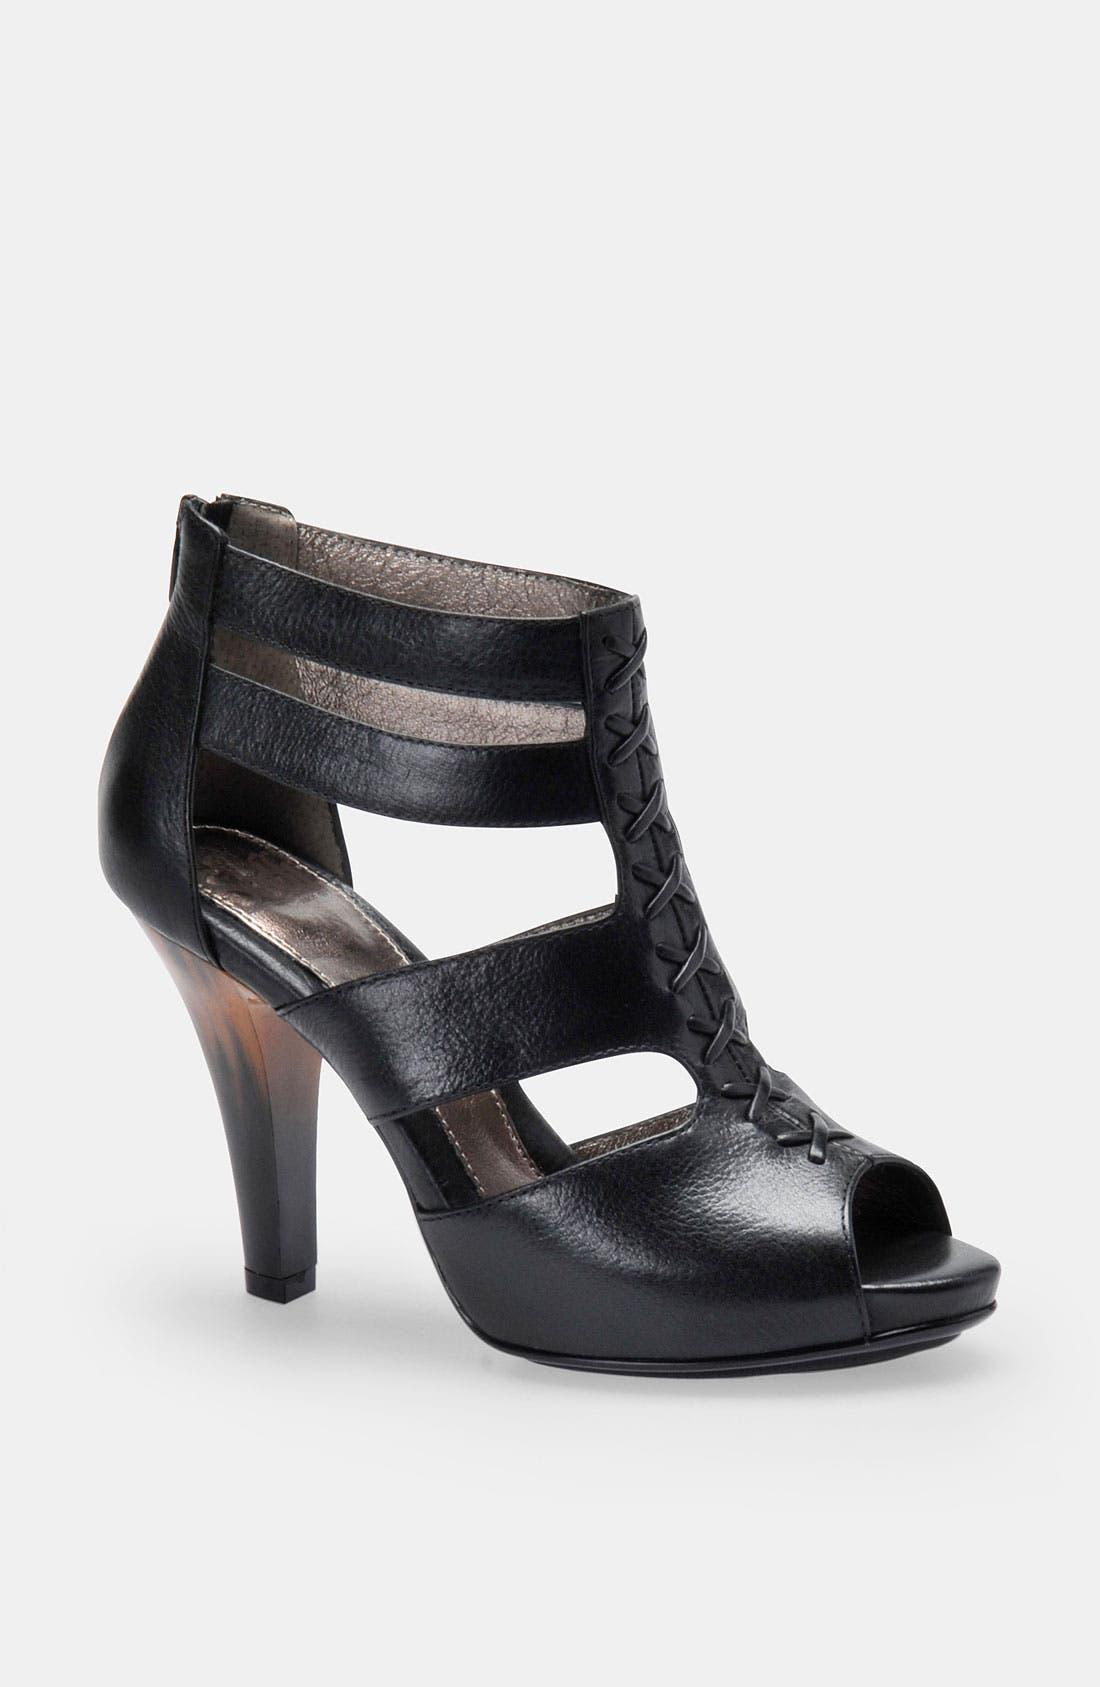 Main Image - Söfft 'Pabla' Peep Toe Sandal